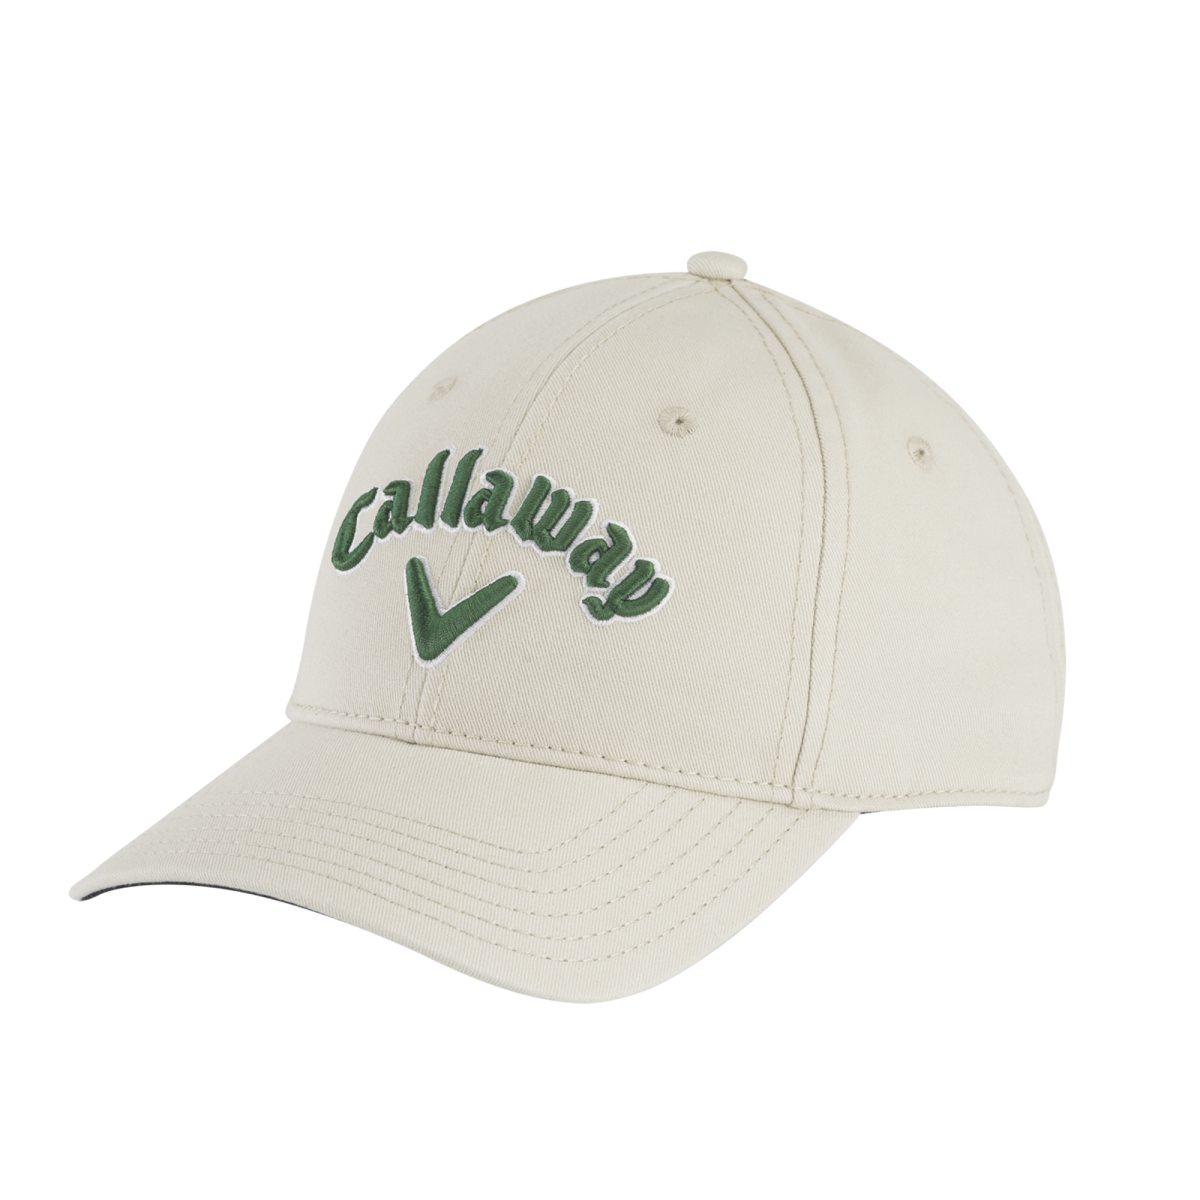 callaway heritage twill keps golftillbehör fe8a9f207ab5f